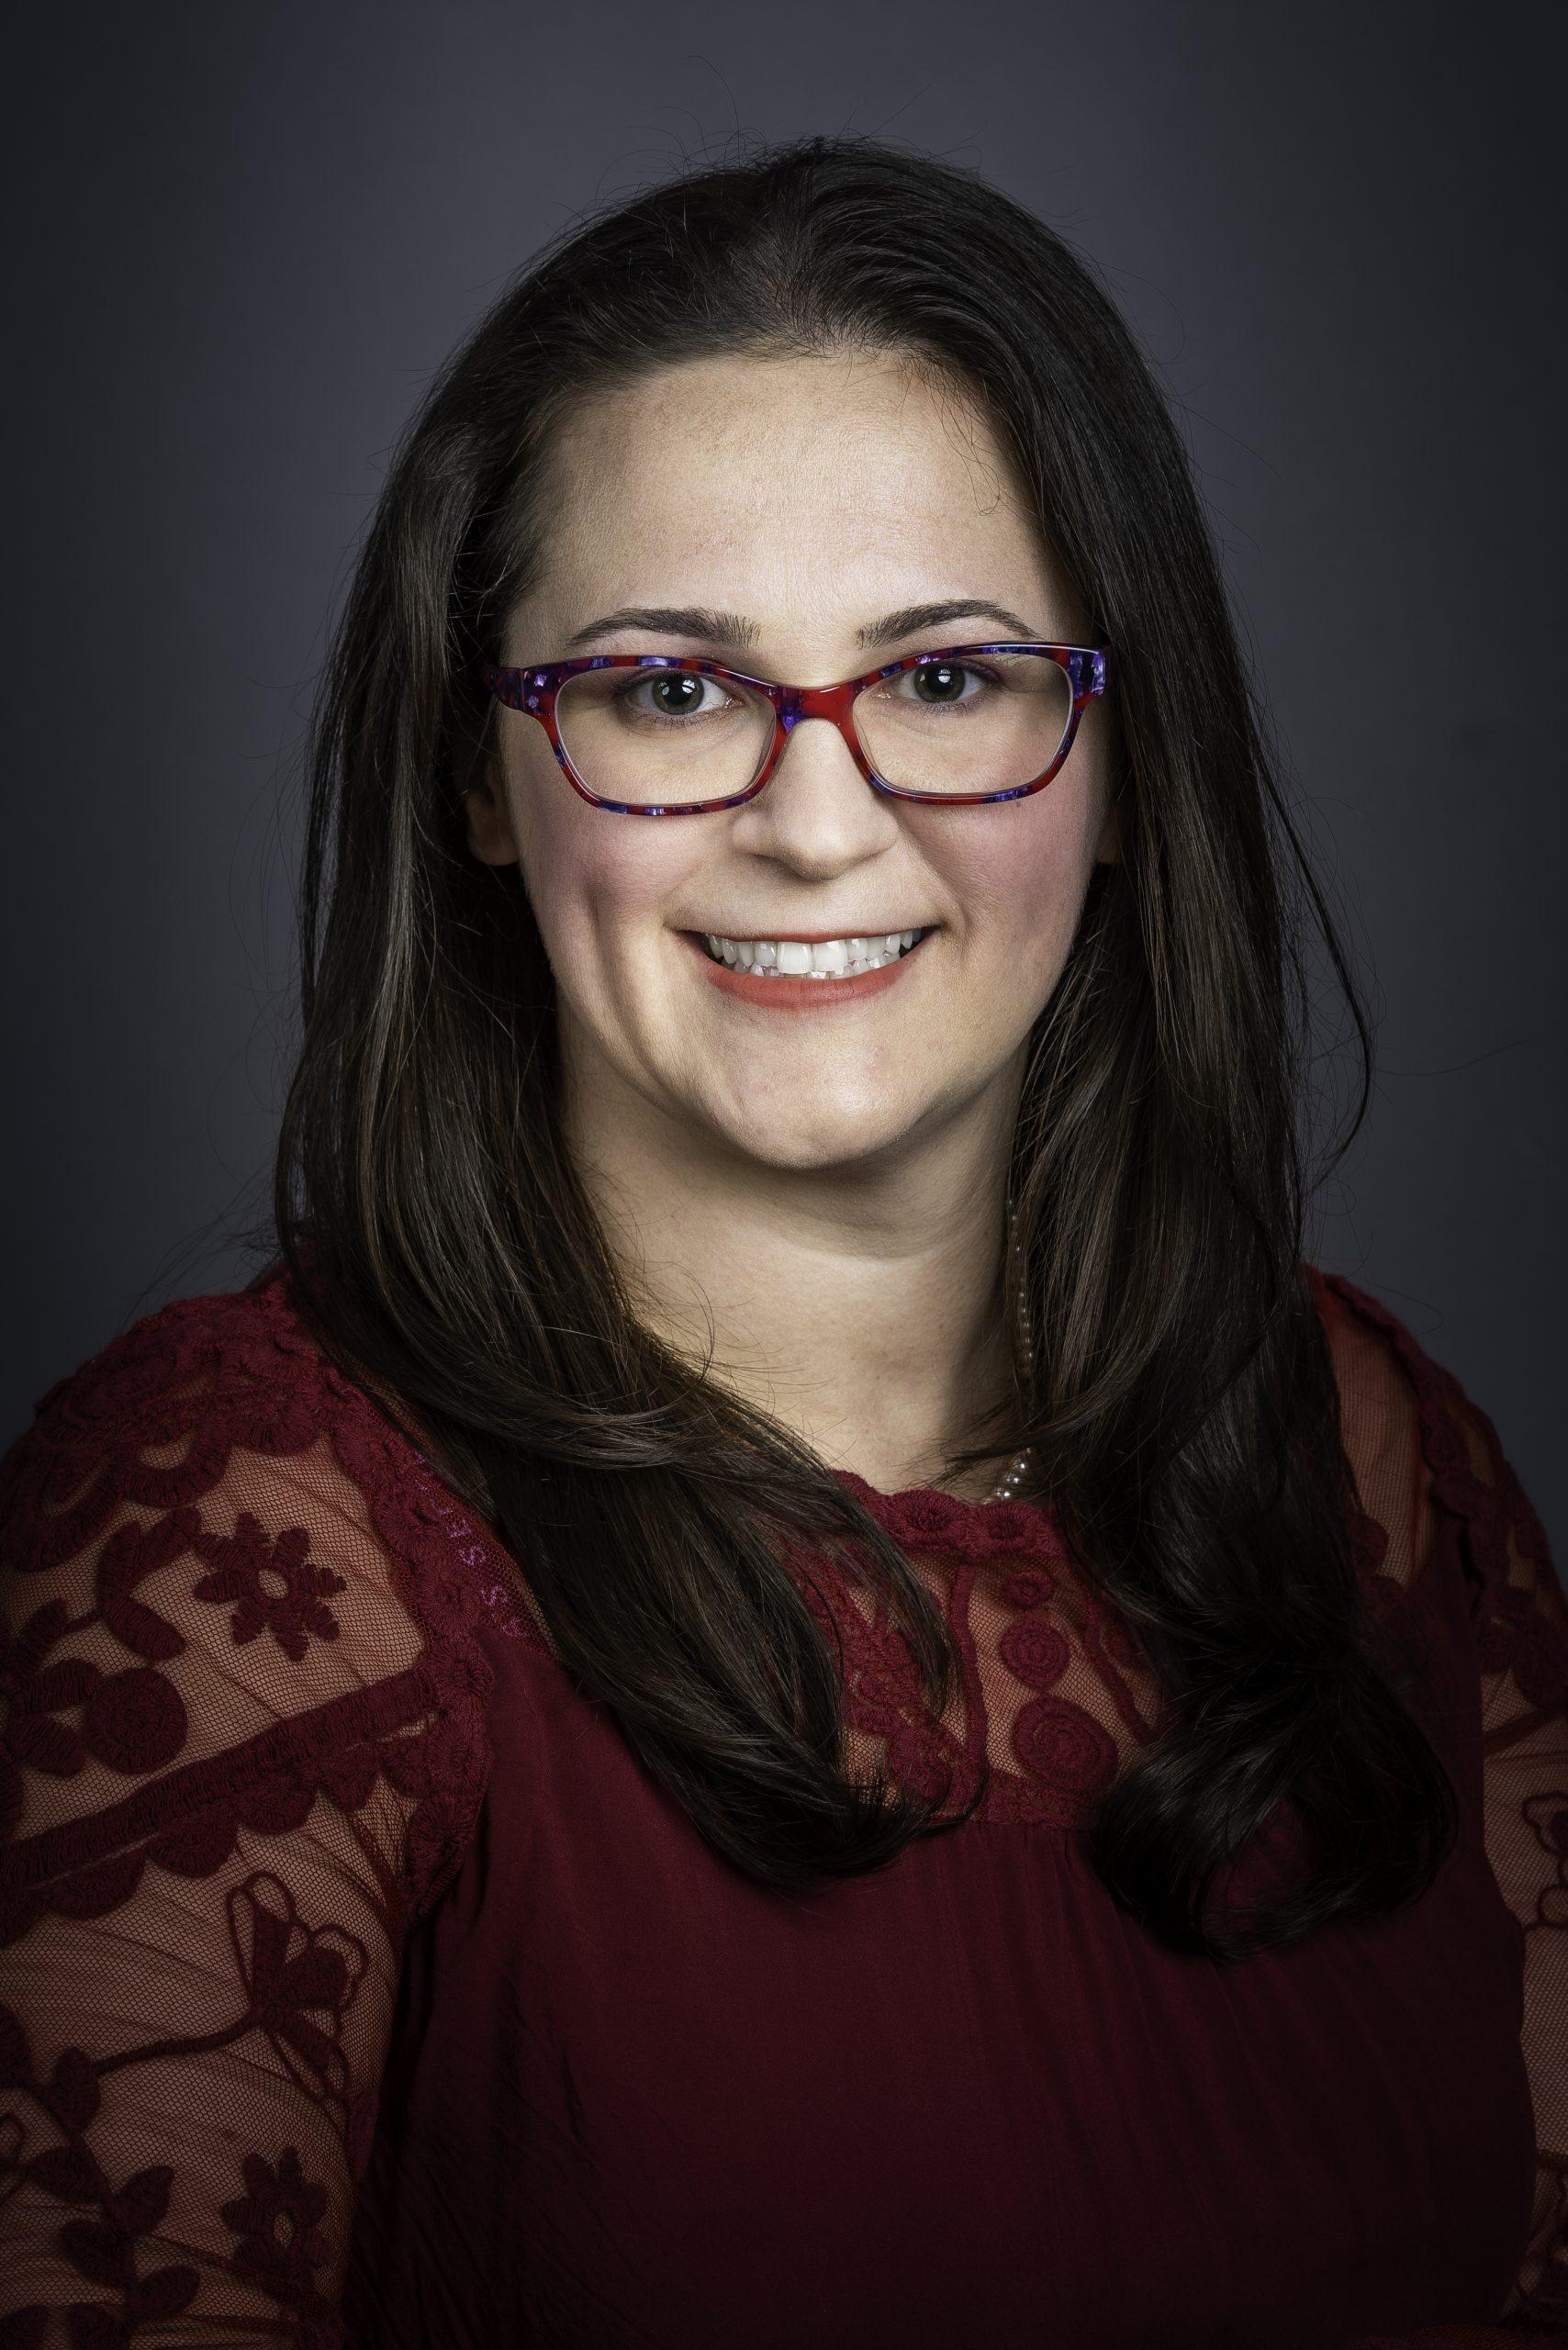 Amanda Berlin